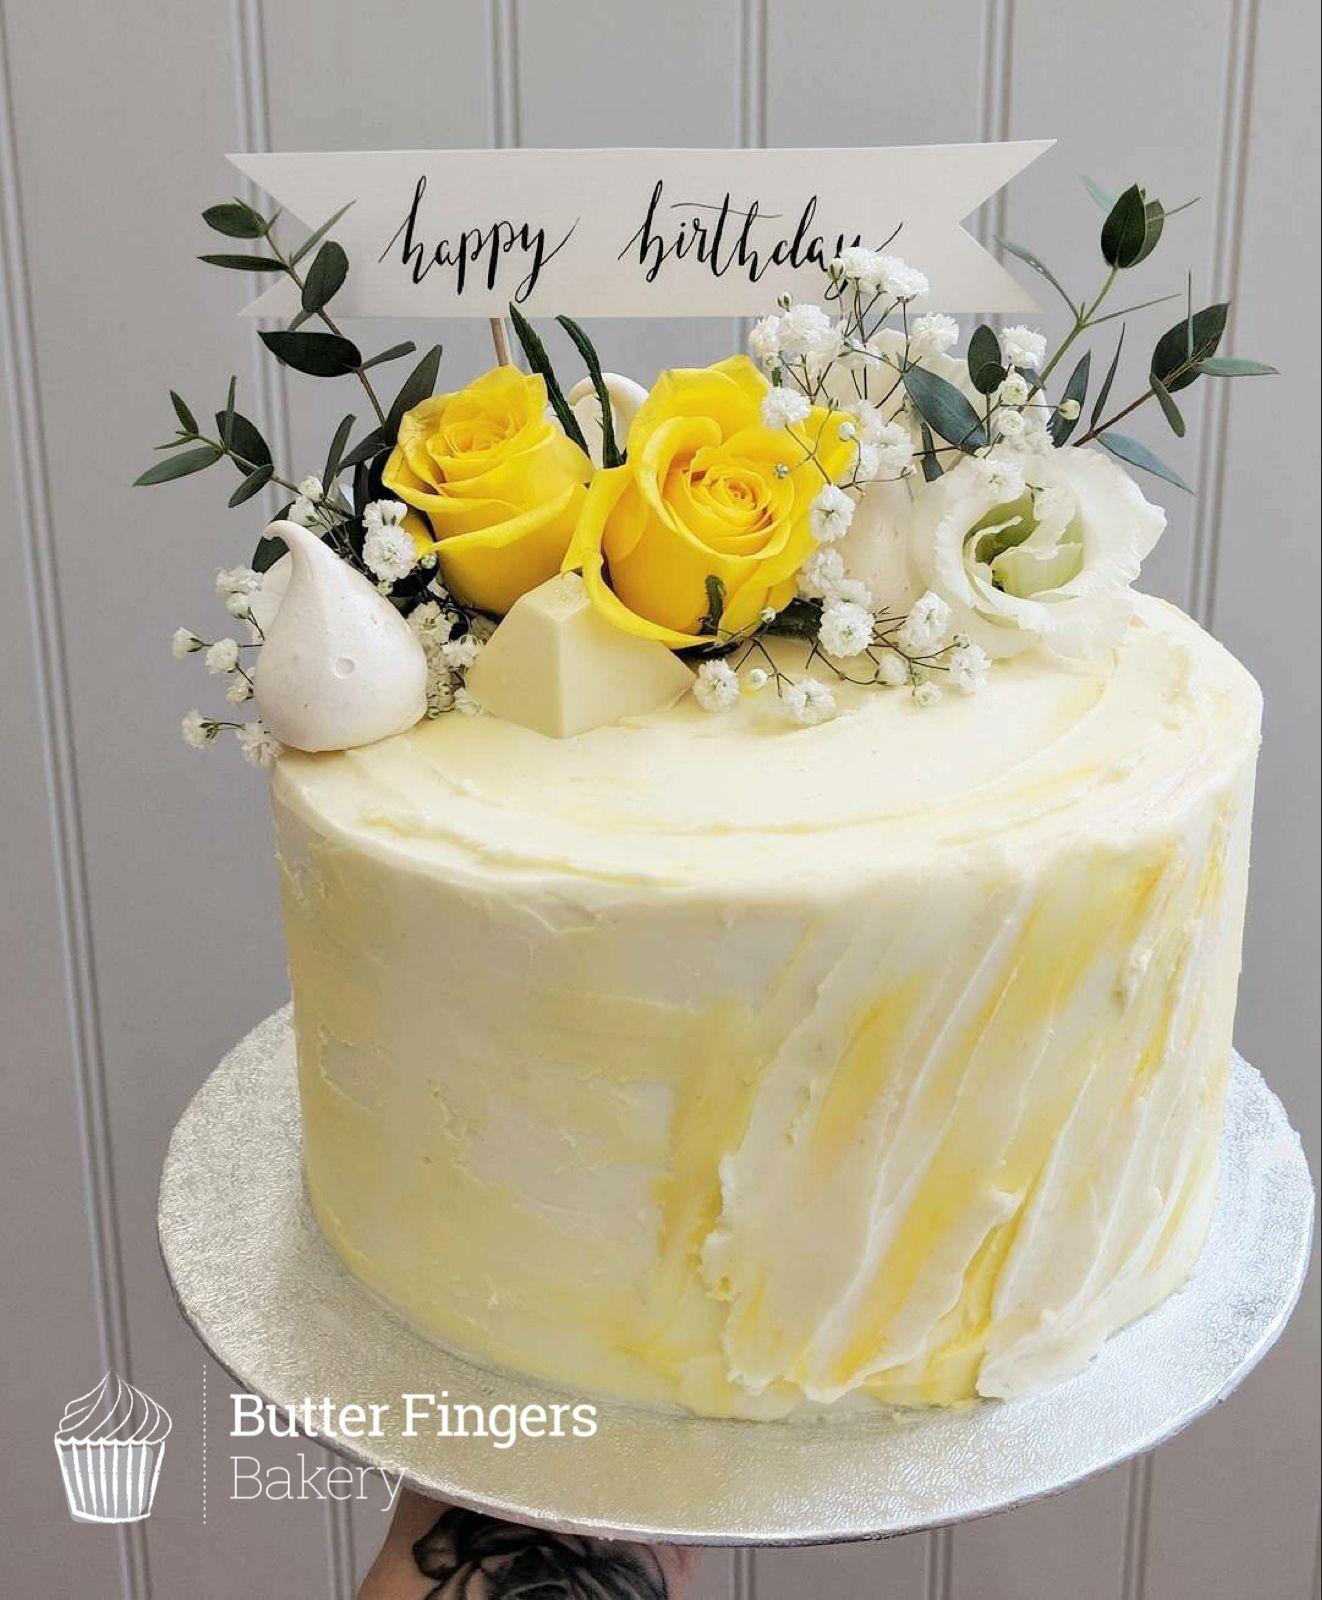 Tasty Homemade Cakes Baked Freshly In Matlock Lemon Birthday